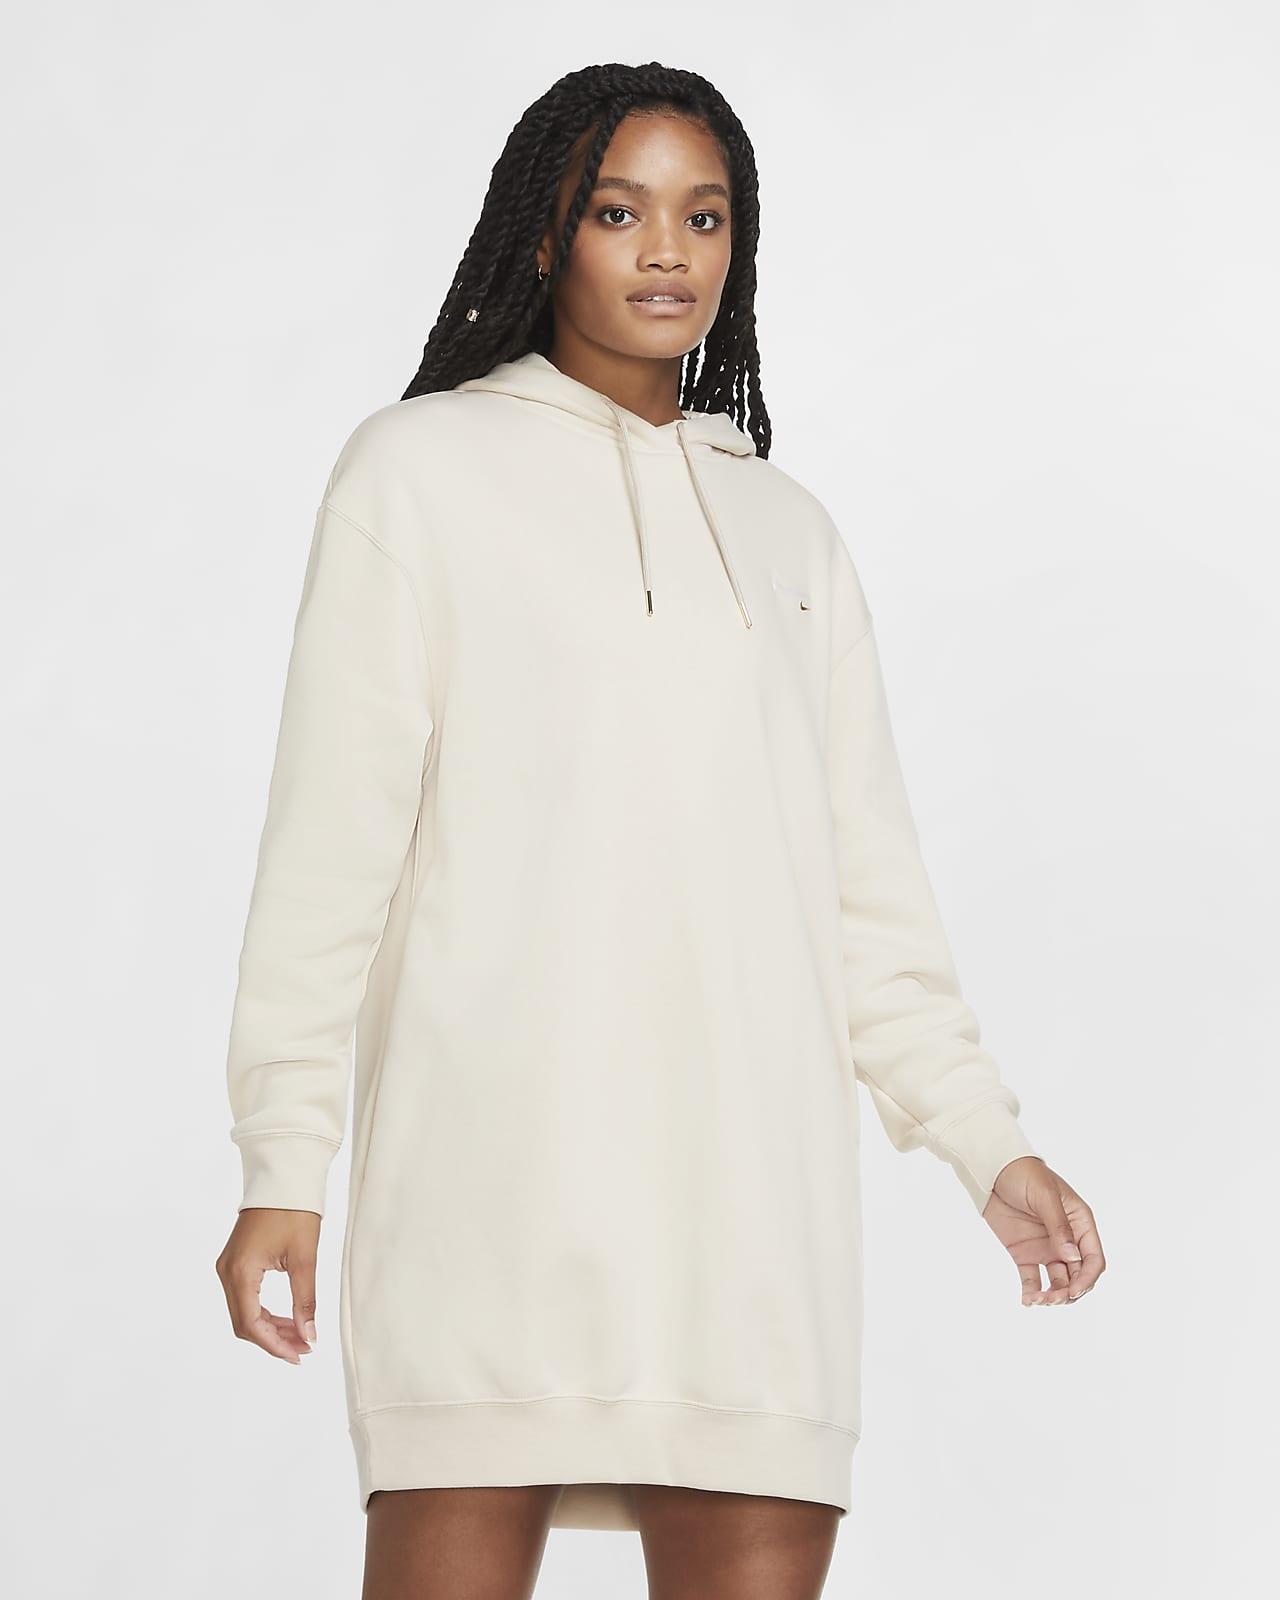 Nike Sportswear Women's Pullover Hoodie Dress